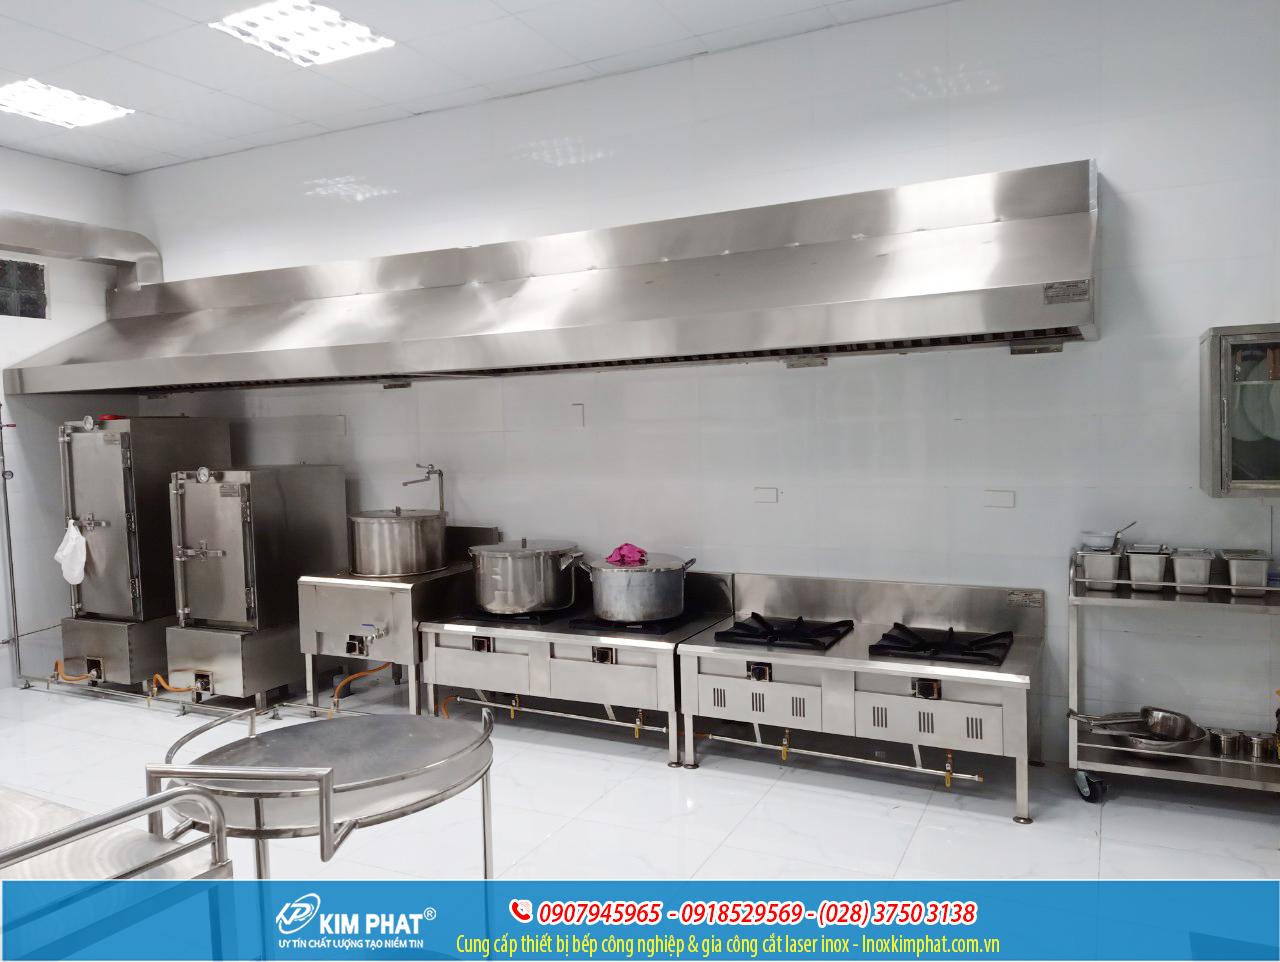 khu bếp nấu chín thực phẩm